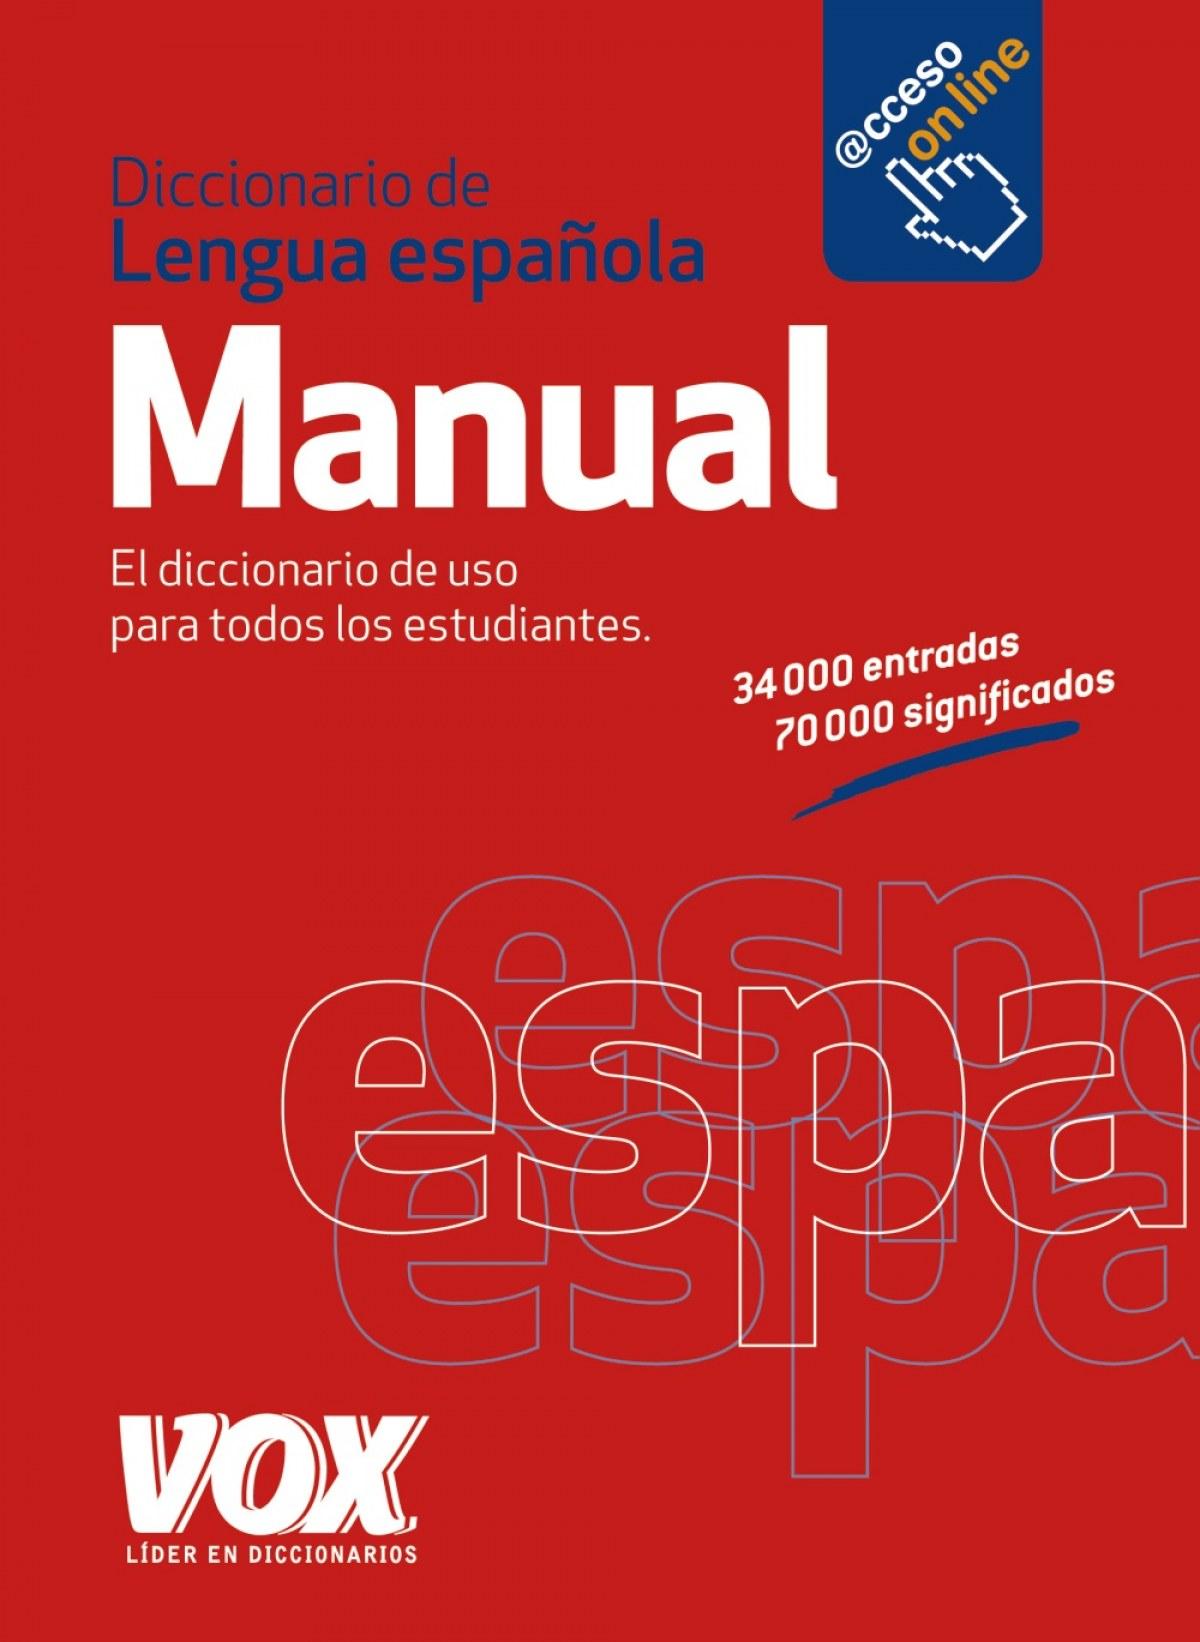 Diccionario manual Vox de la lengua española